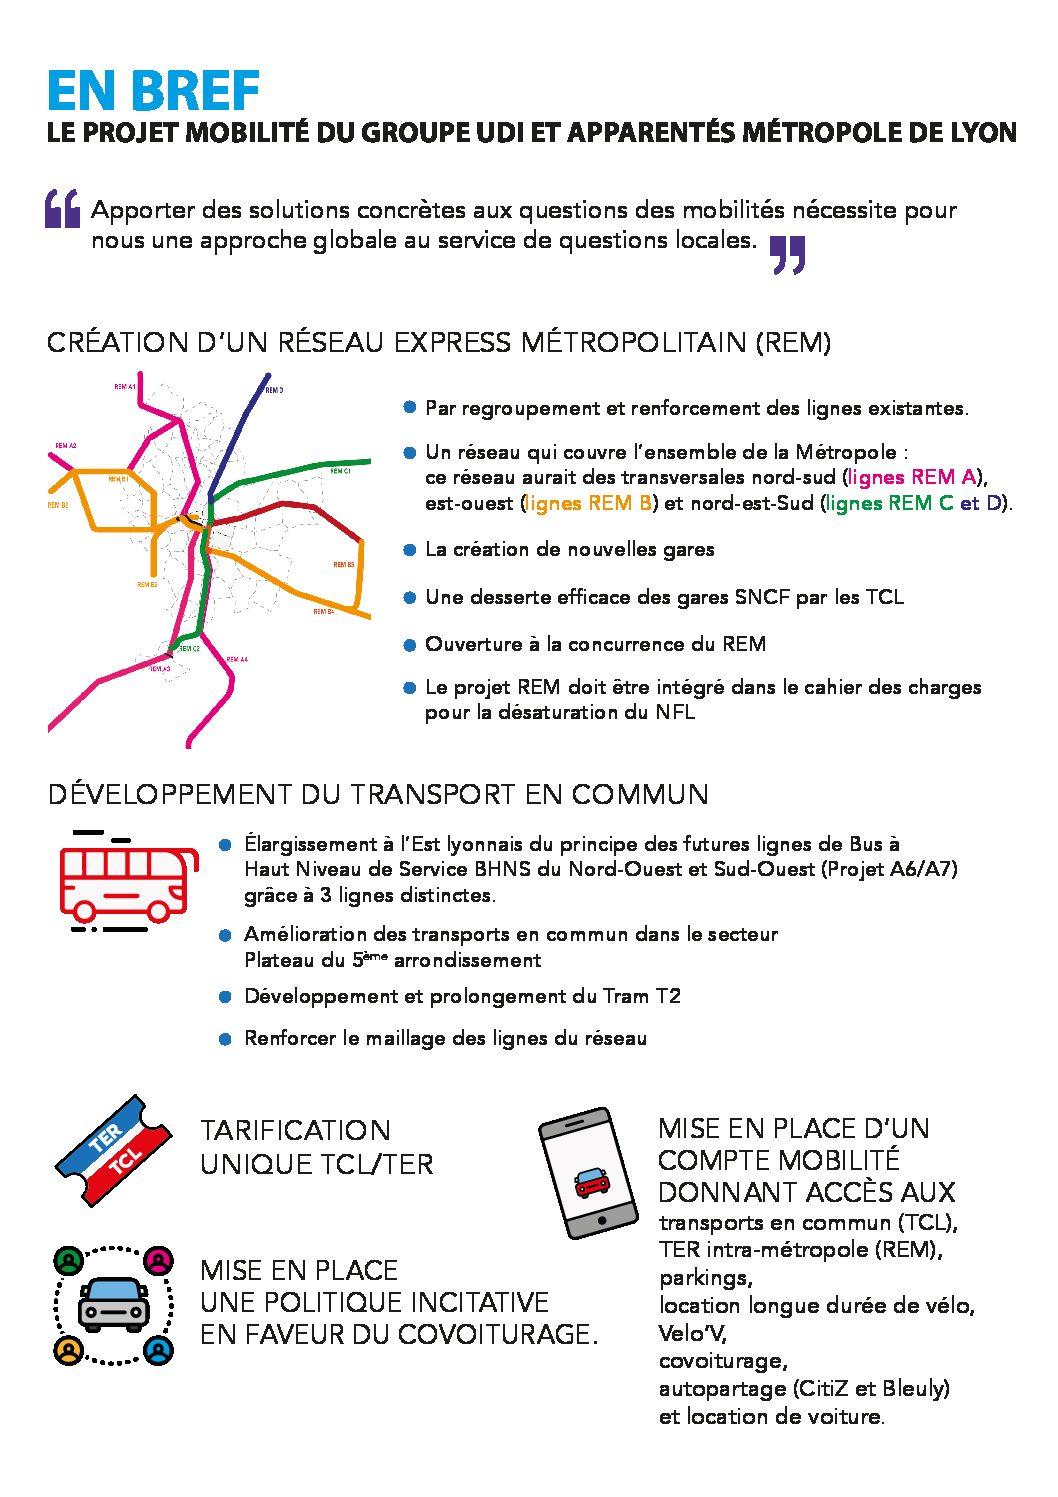 Projet mobilité : création d'un Réseau Express Métropolitain (REM)